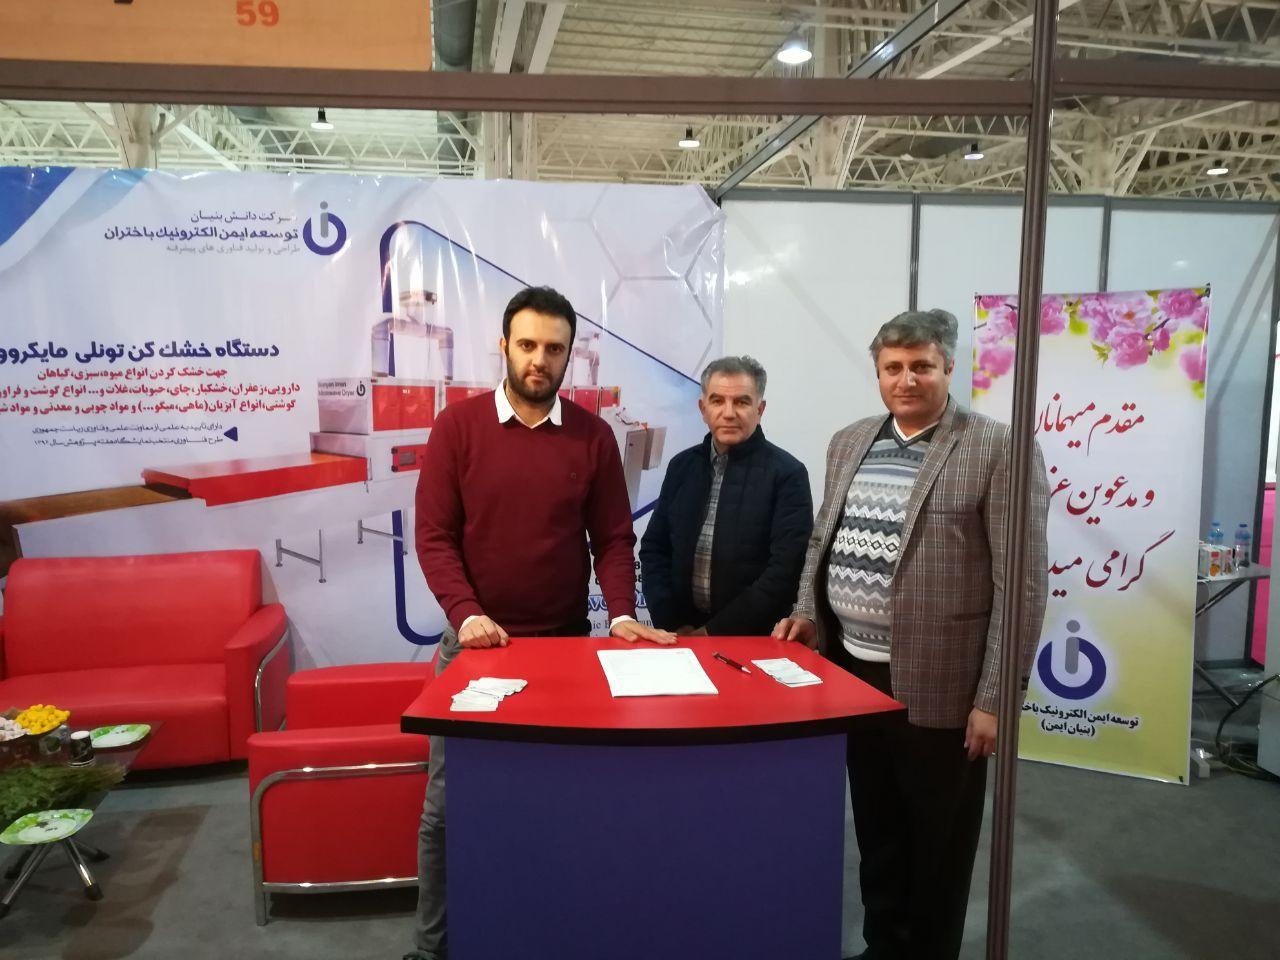 نمایشگاه خشکبار، گیاهان دارویی، زعفران، فناوری، صنایع و خدمات وابسته تهران